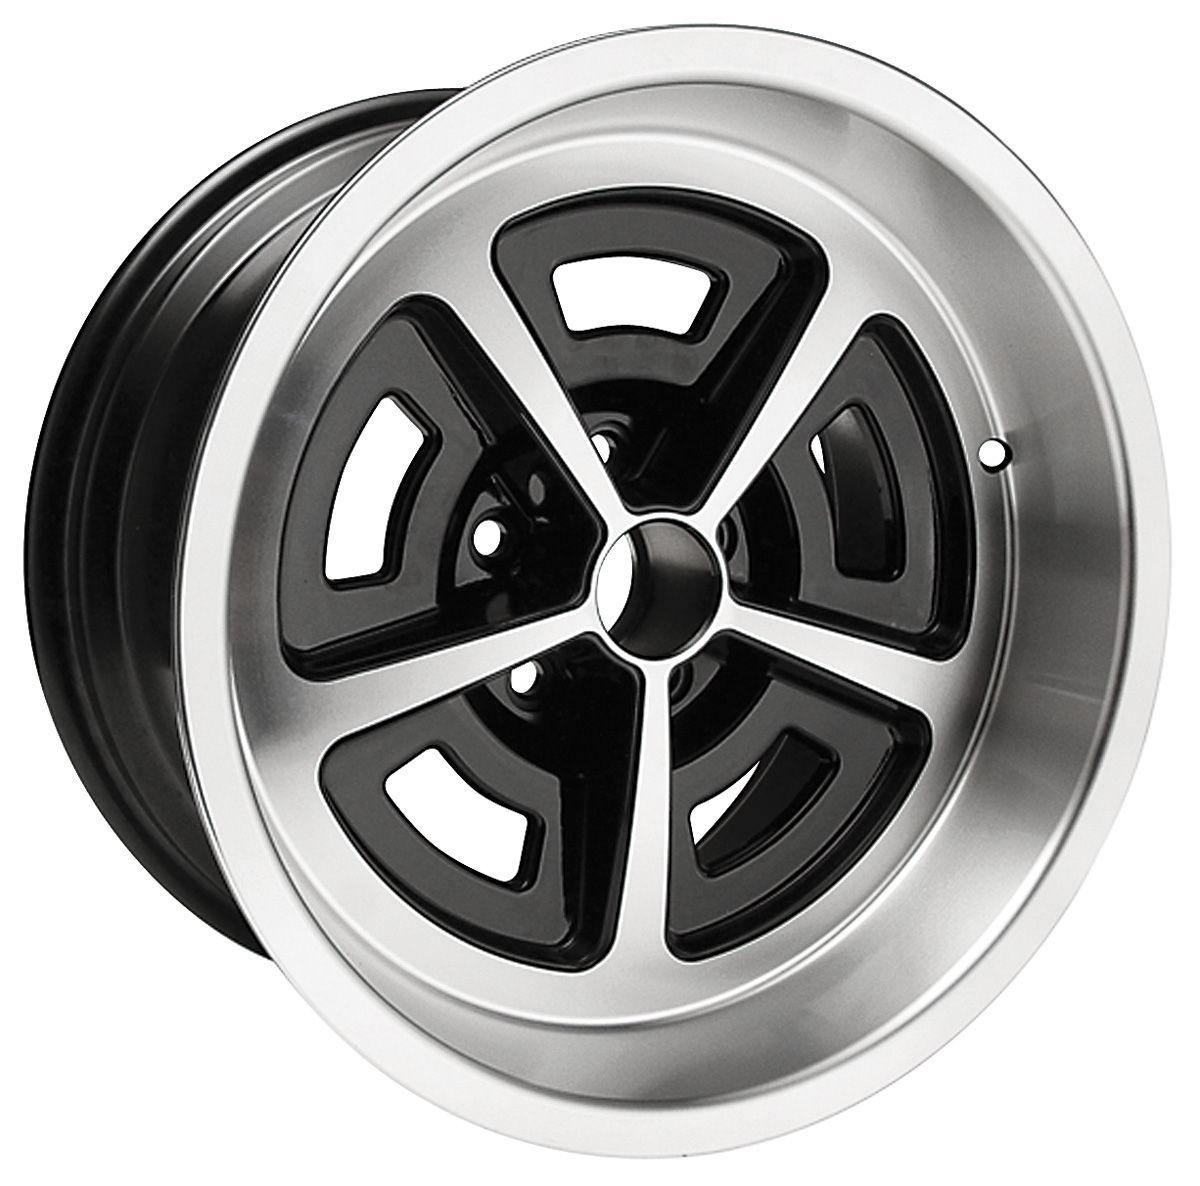 Wheel, Chevrolet/Cutlass/Skylark, 5-Spoke Rally, 17x9